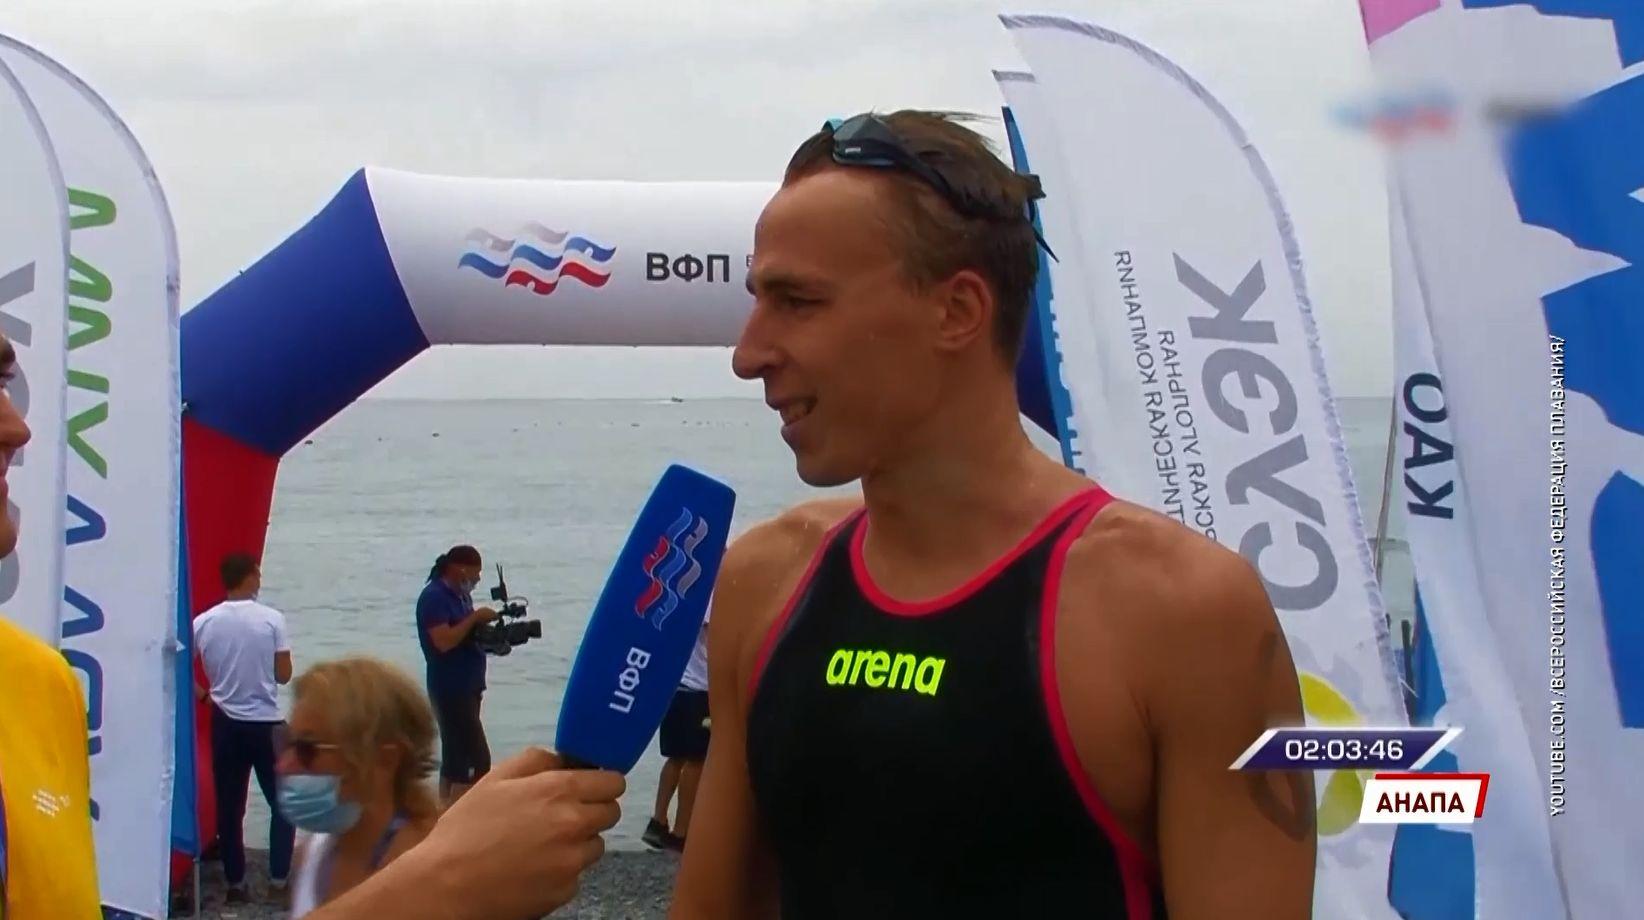 Ярославские пловцы на открытой воде стали победителем и призерами чемпионата и первенства России